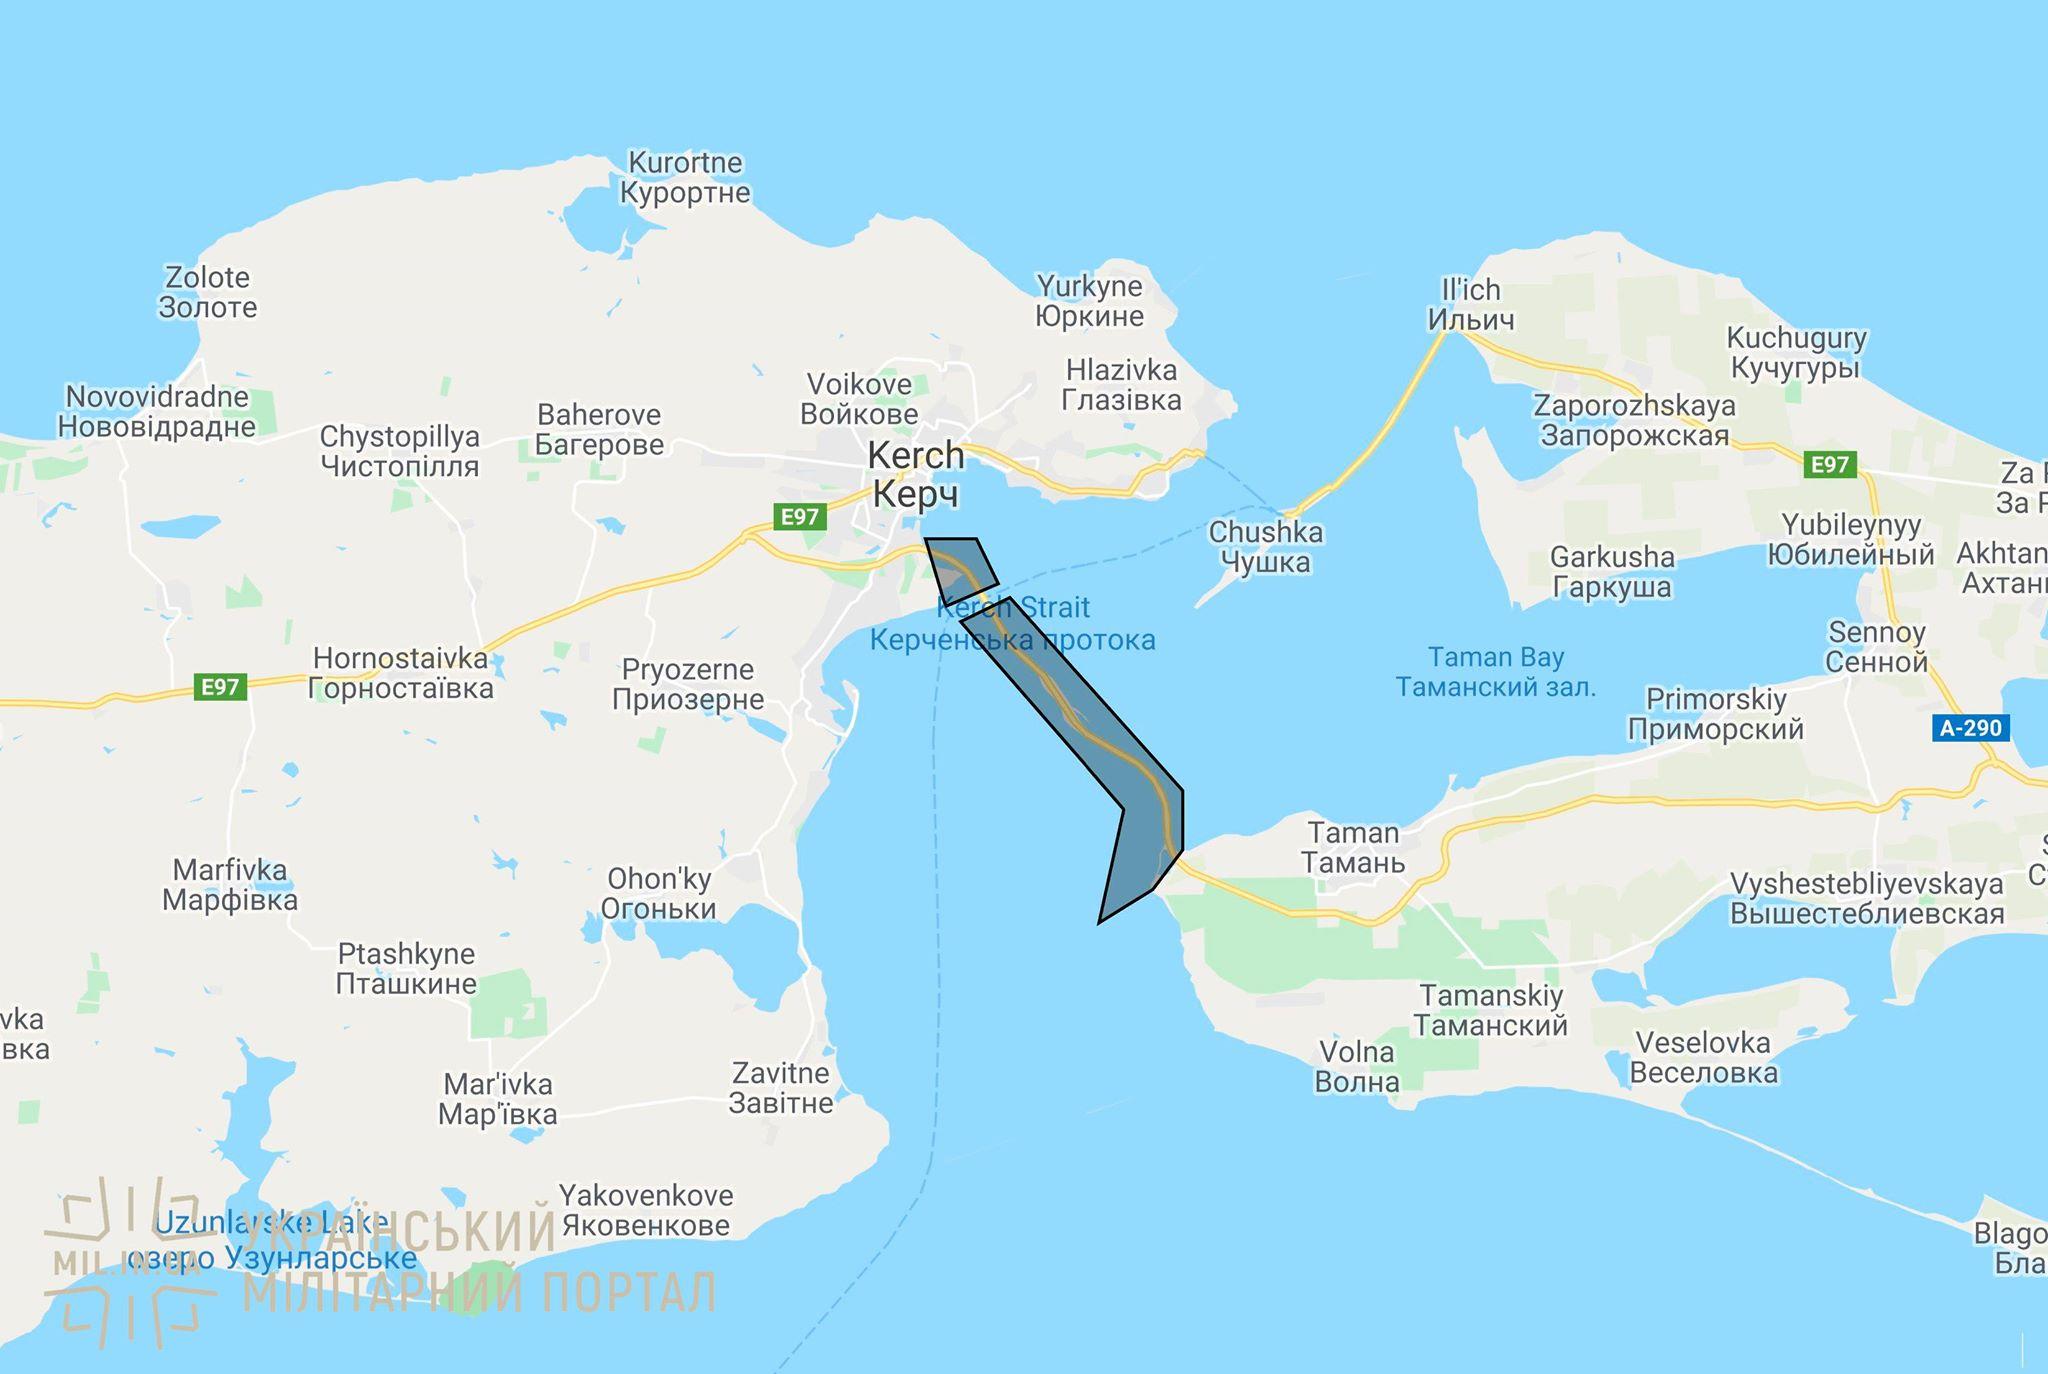 Карта закрытых Россией зон для судоходства